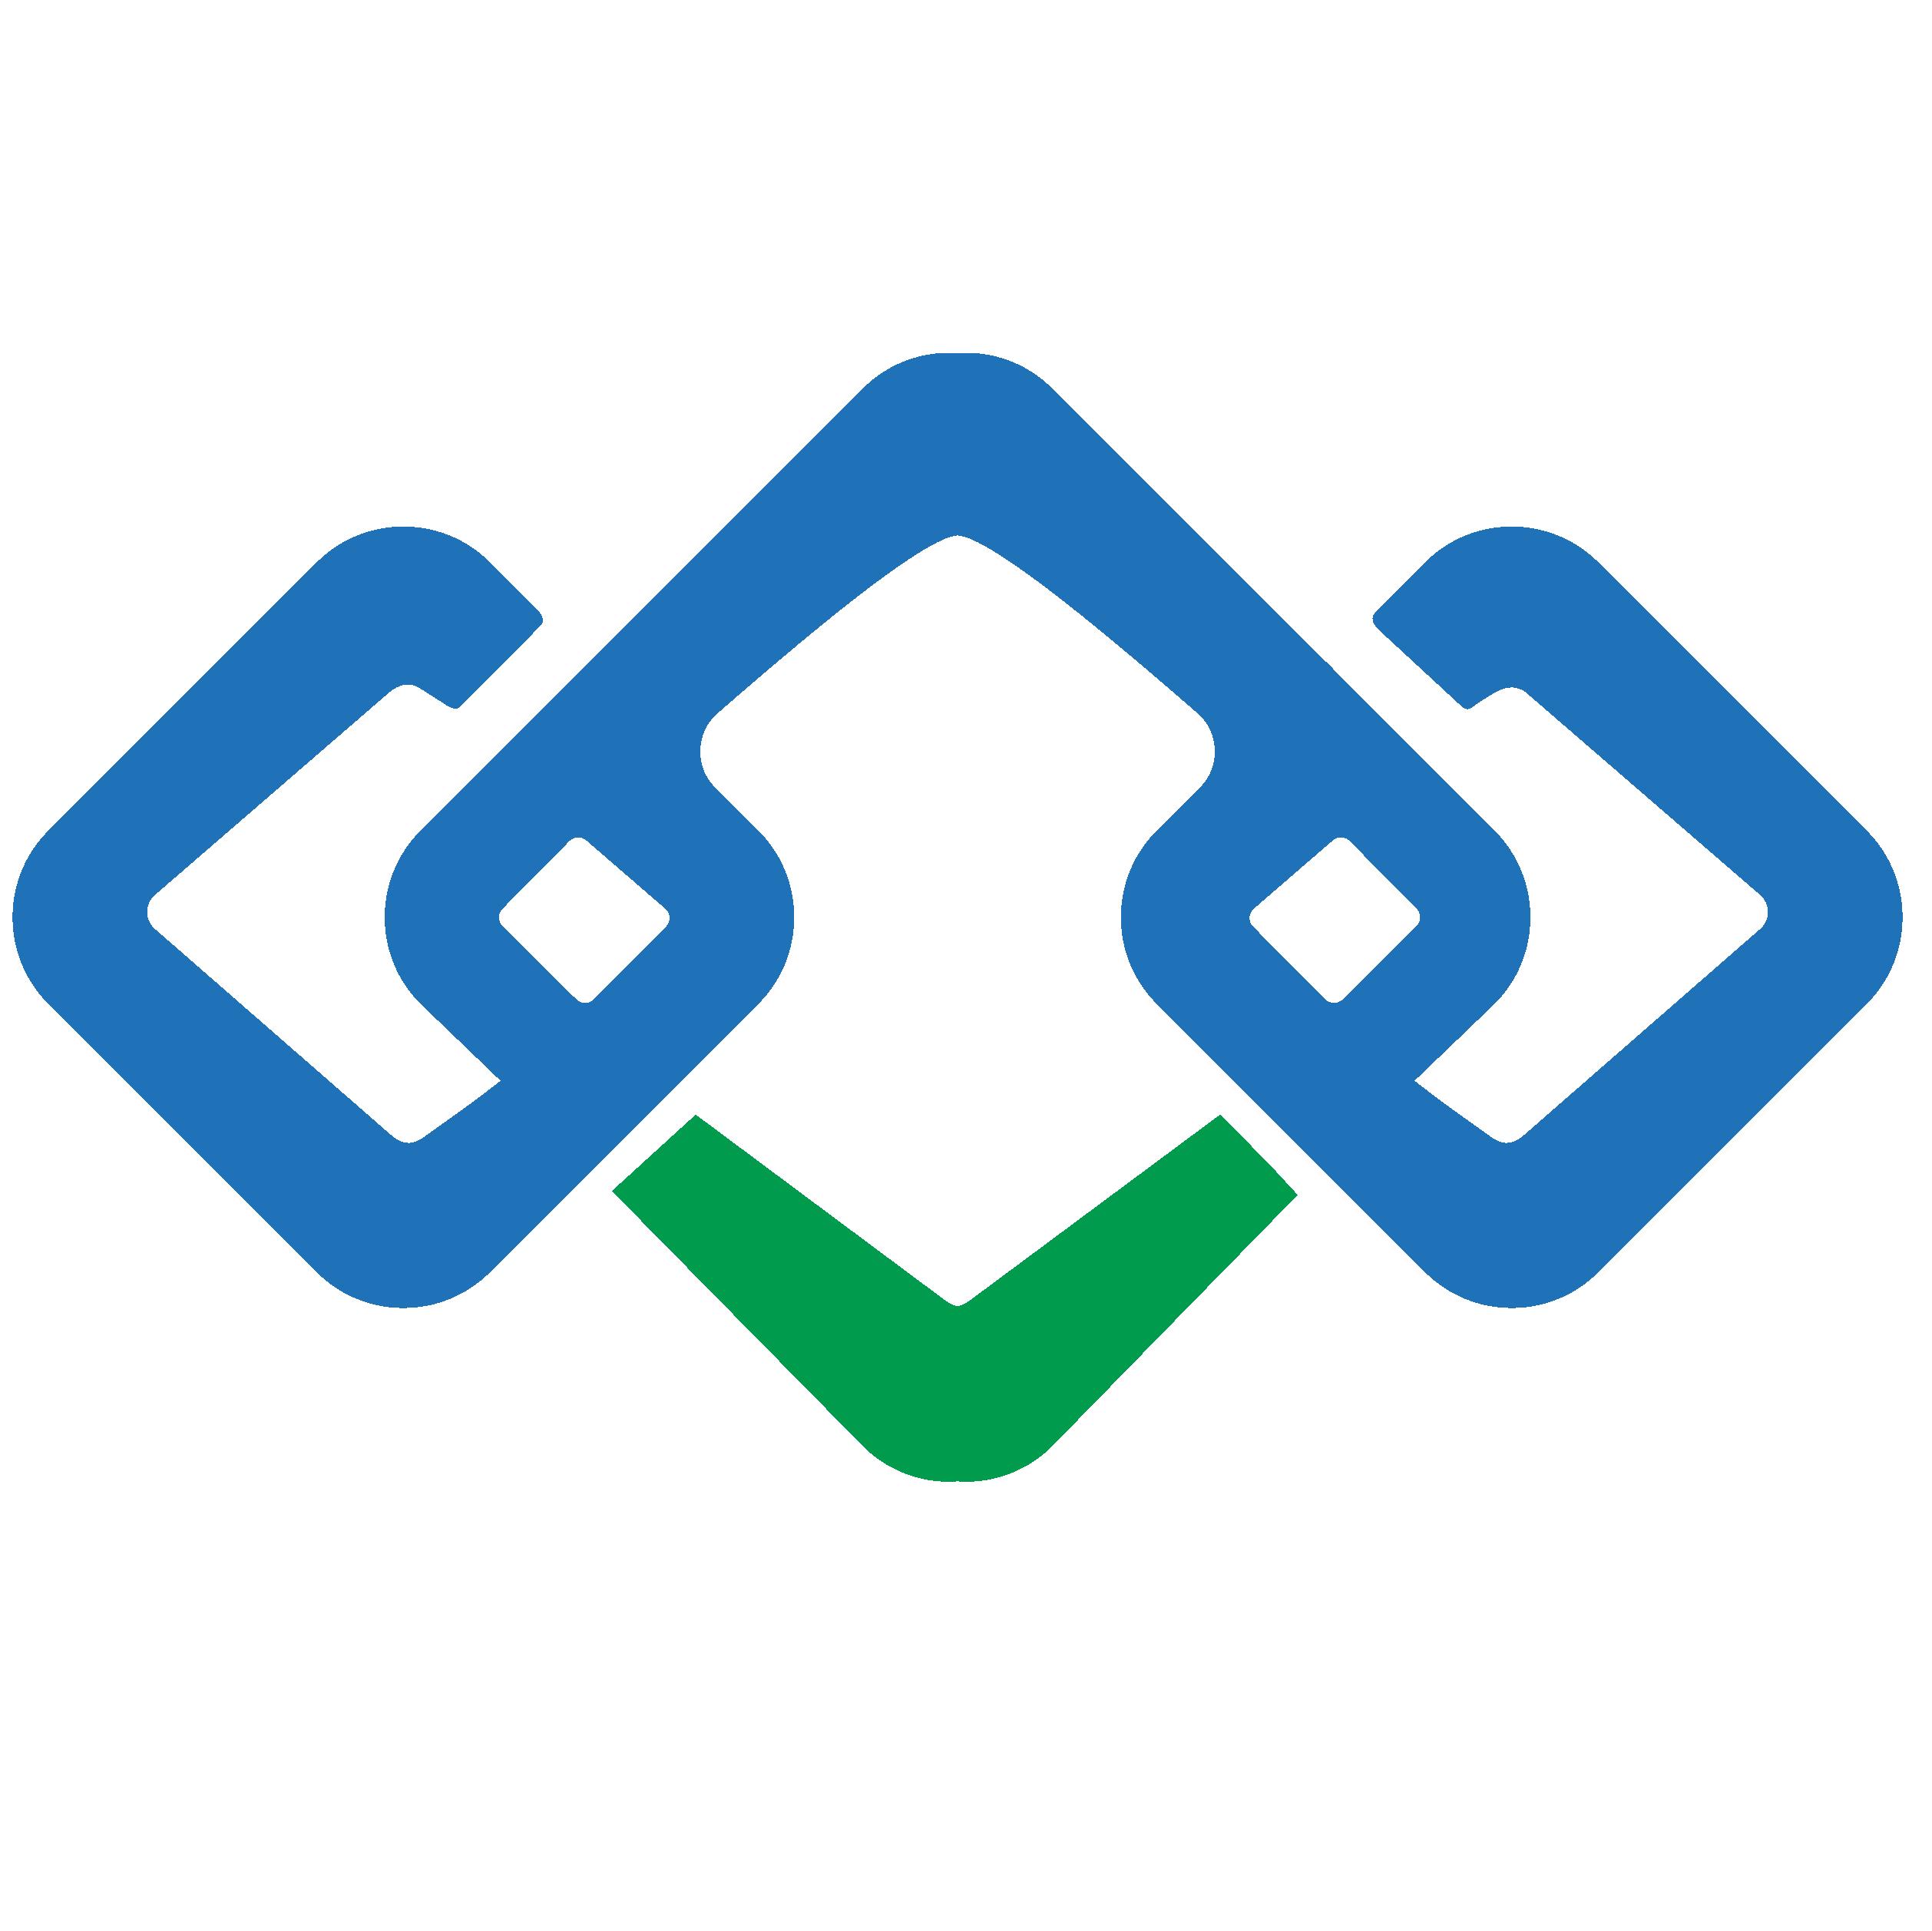 logo logo 标志 设计 矢量 矢量图 素材 图标 2516_2515